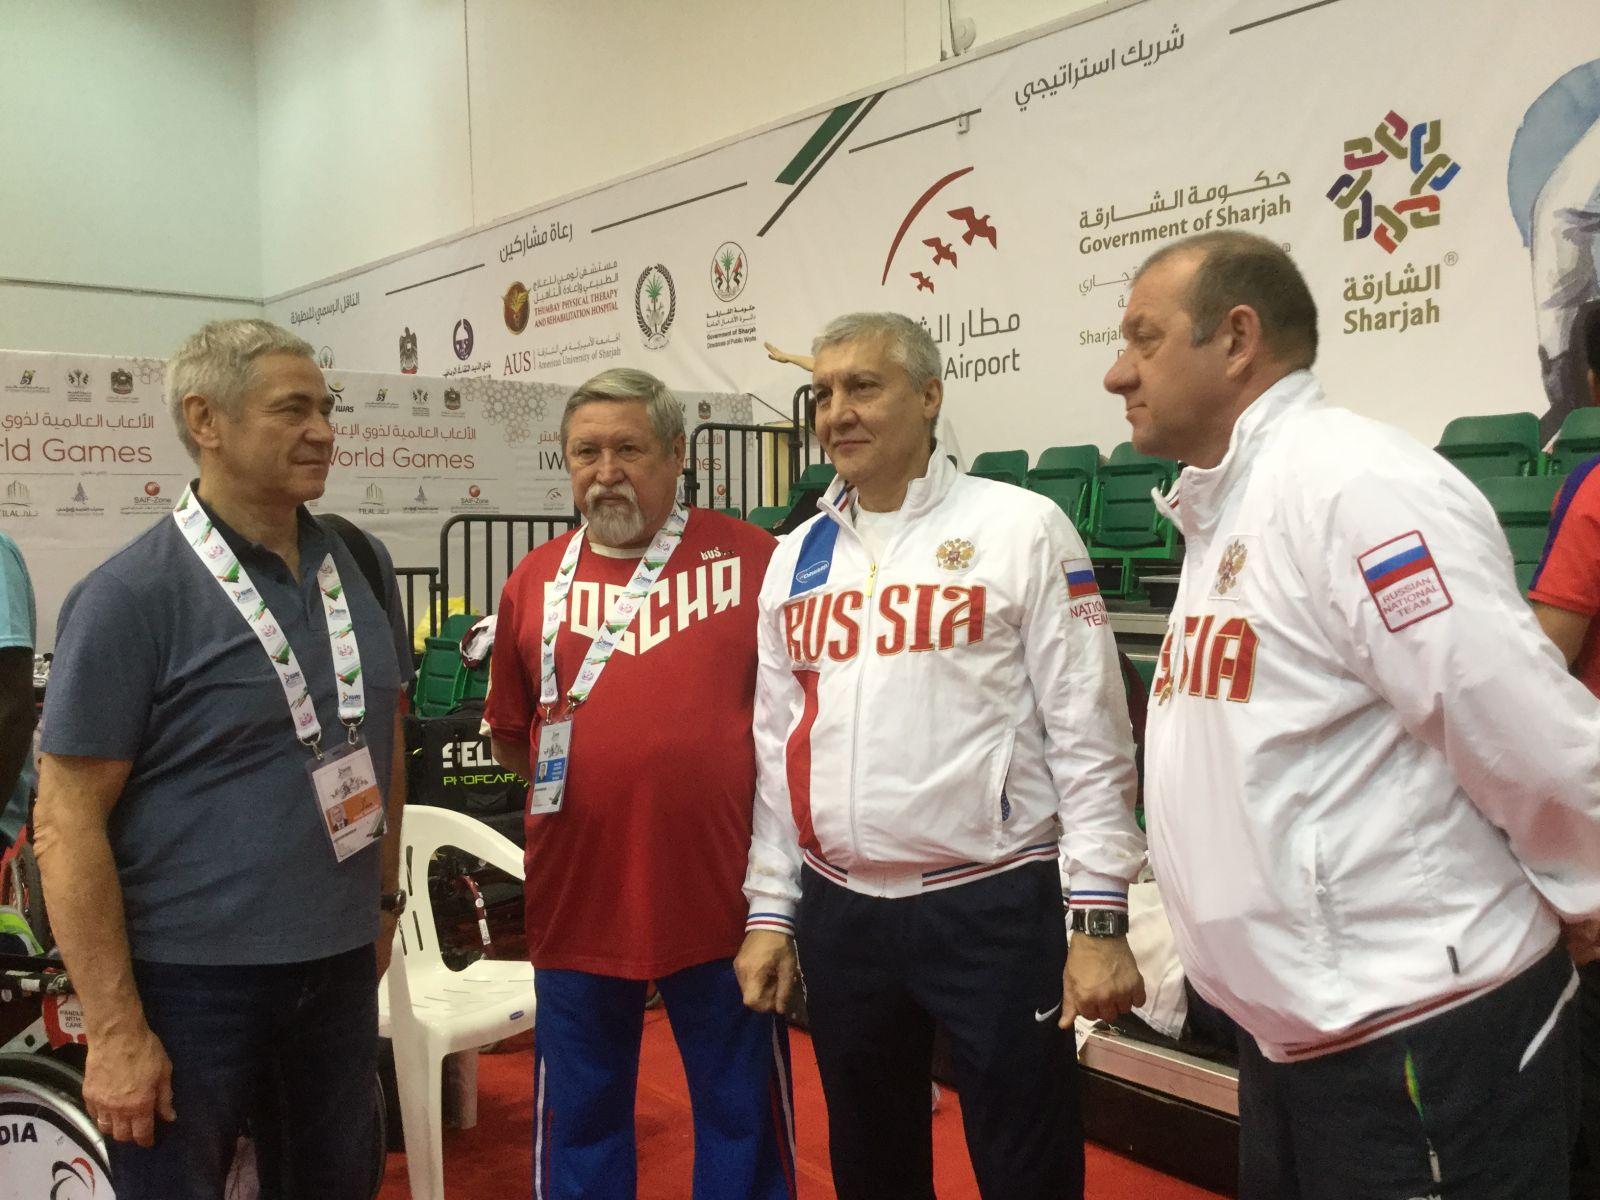 П.А. Рожков в г. Шарджа (ОАЭ) принял участие в просмотре первого соревновательного дня по фехтованию на колясках в рамках Всемирных игр колясочников и ампутантов (IWAS)